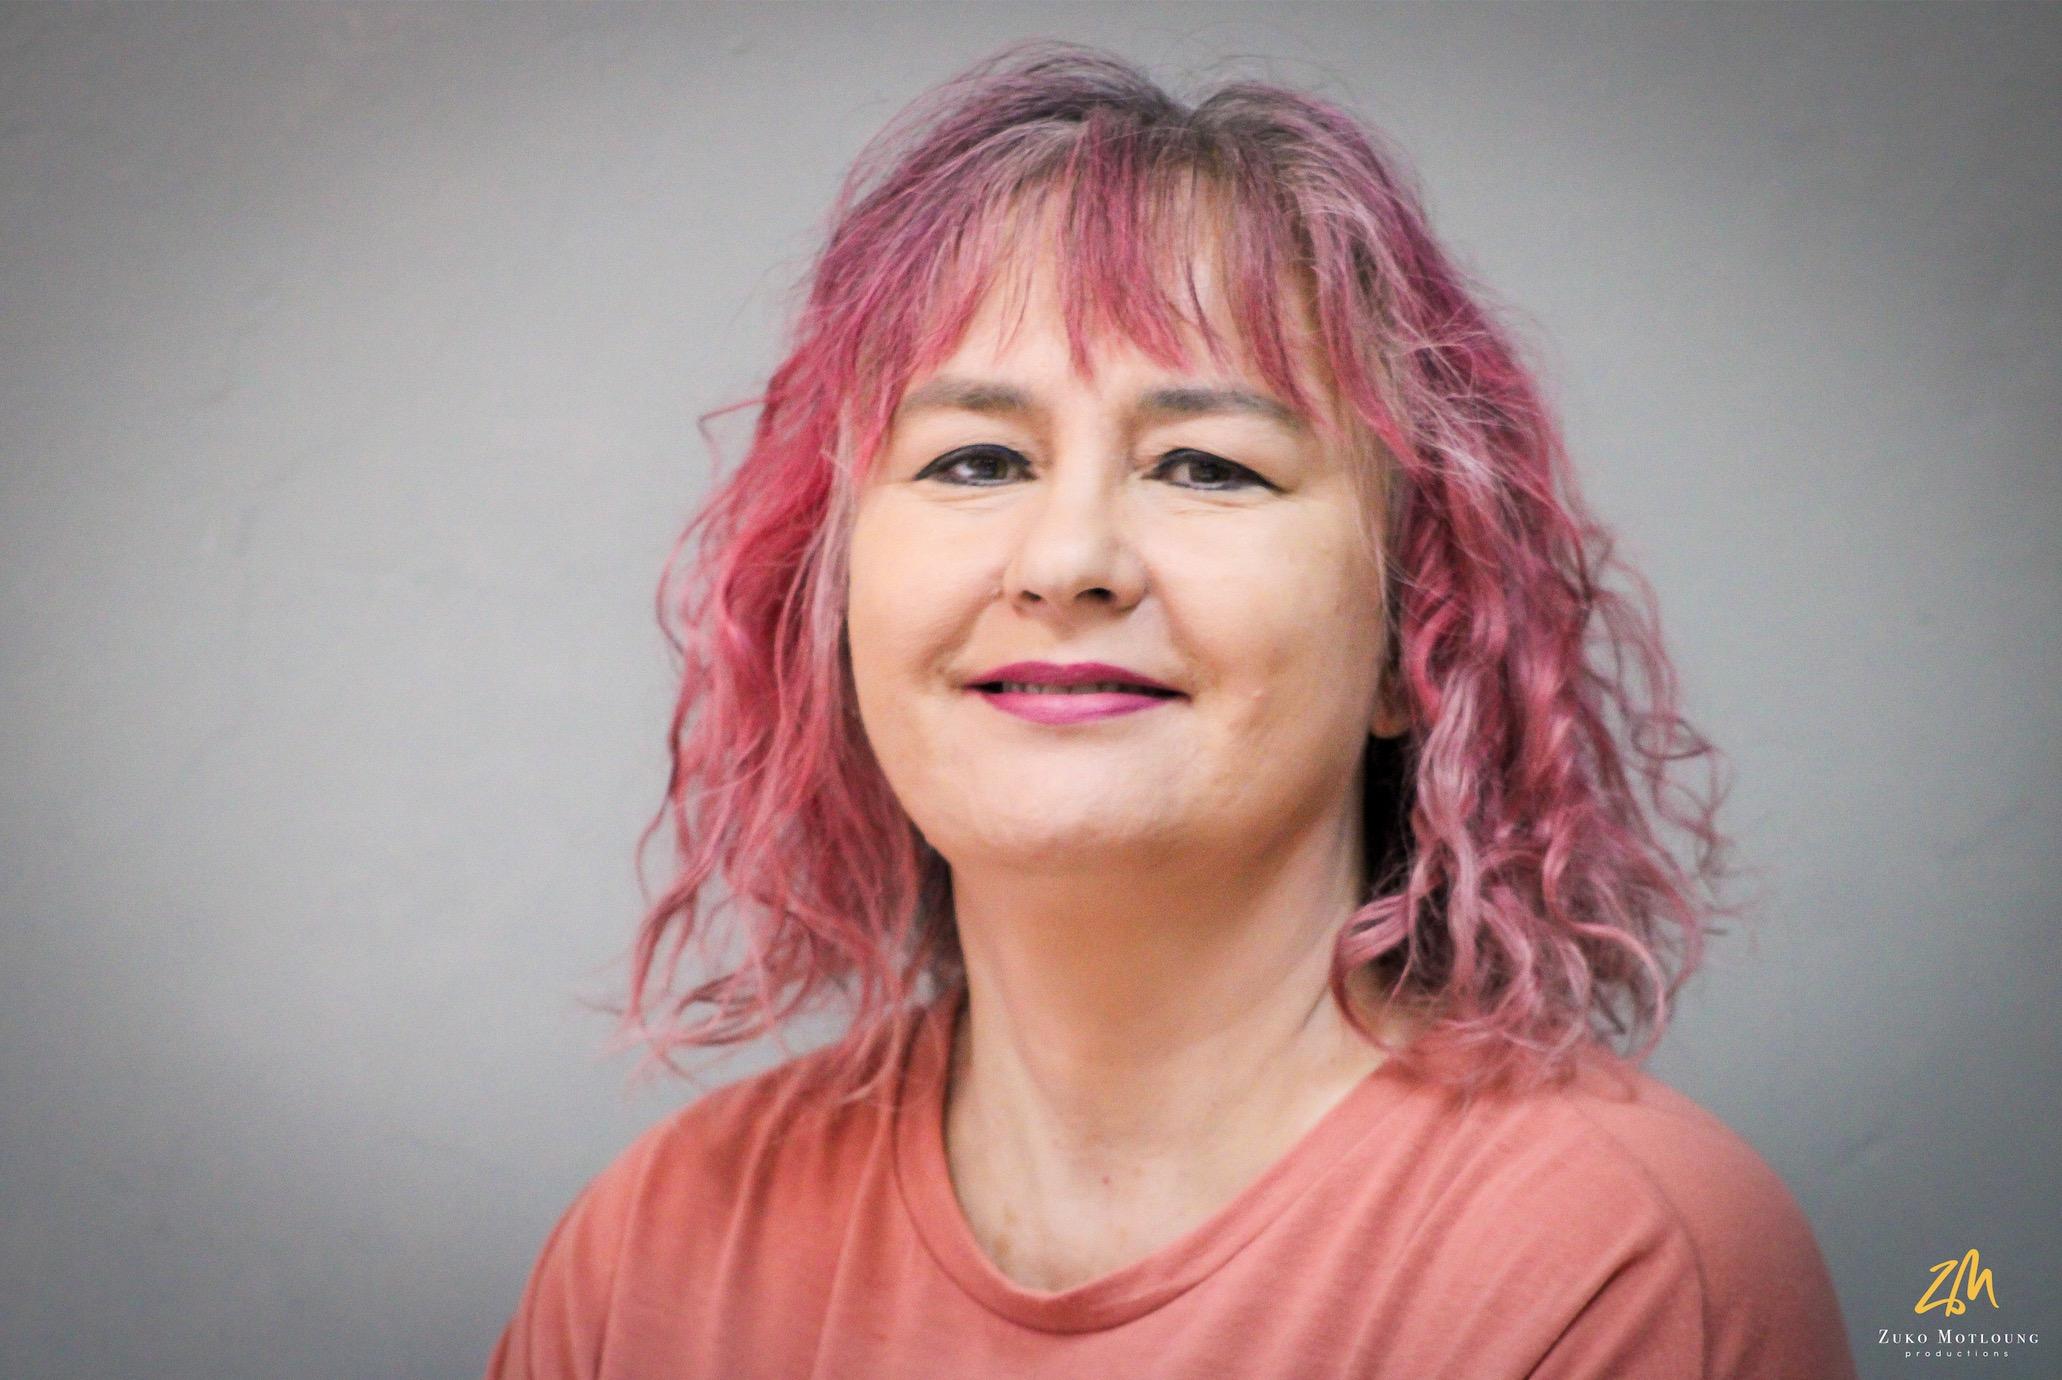 Mrs Angelique van Huyssteen